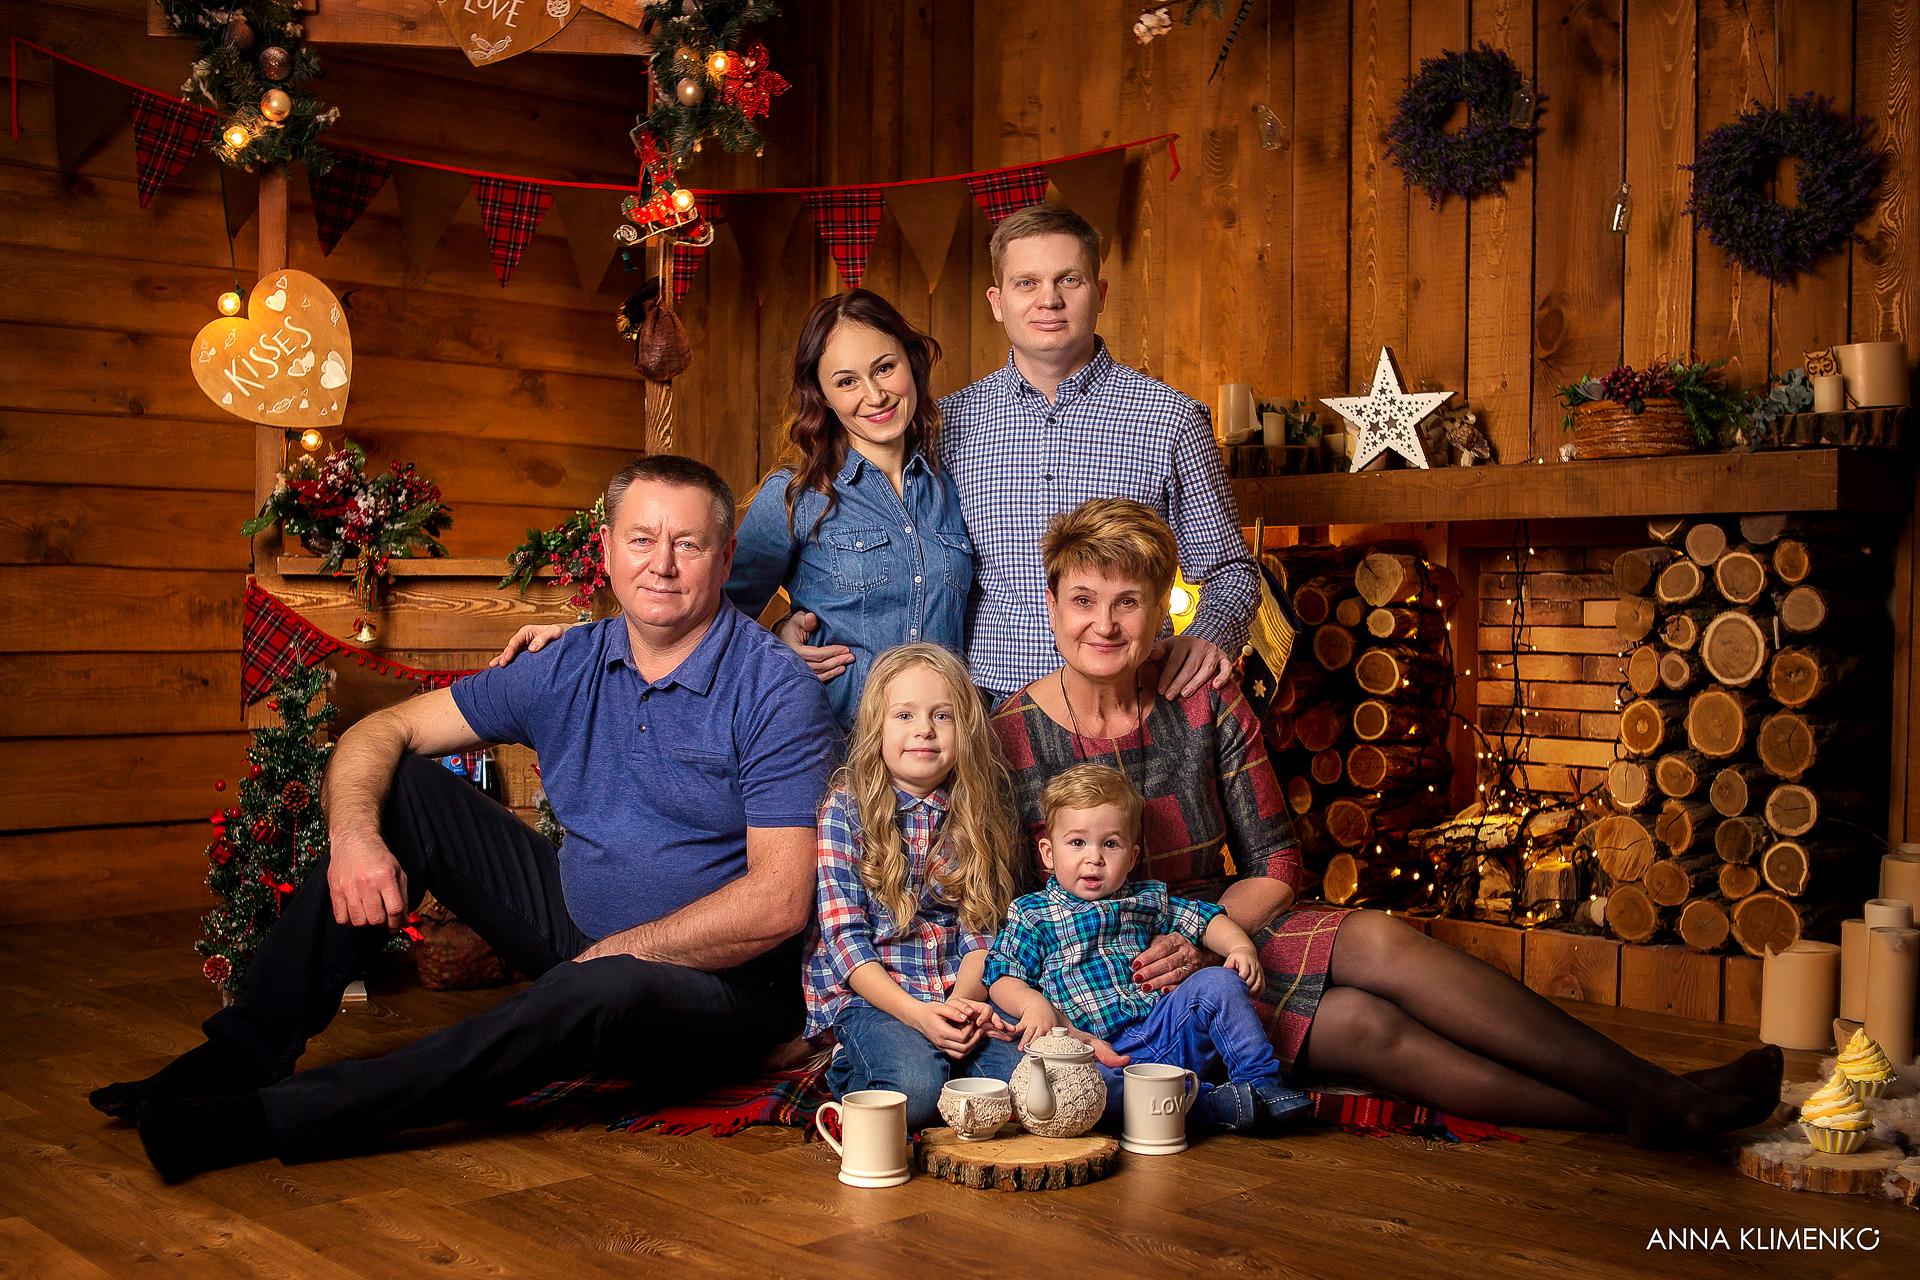 Фото Новогодняя семейная фотосессия в фотостудии